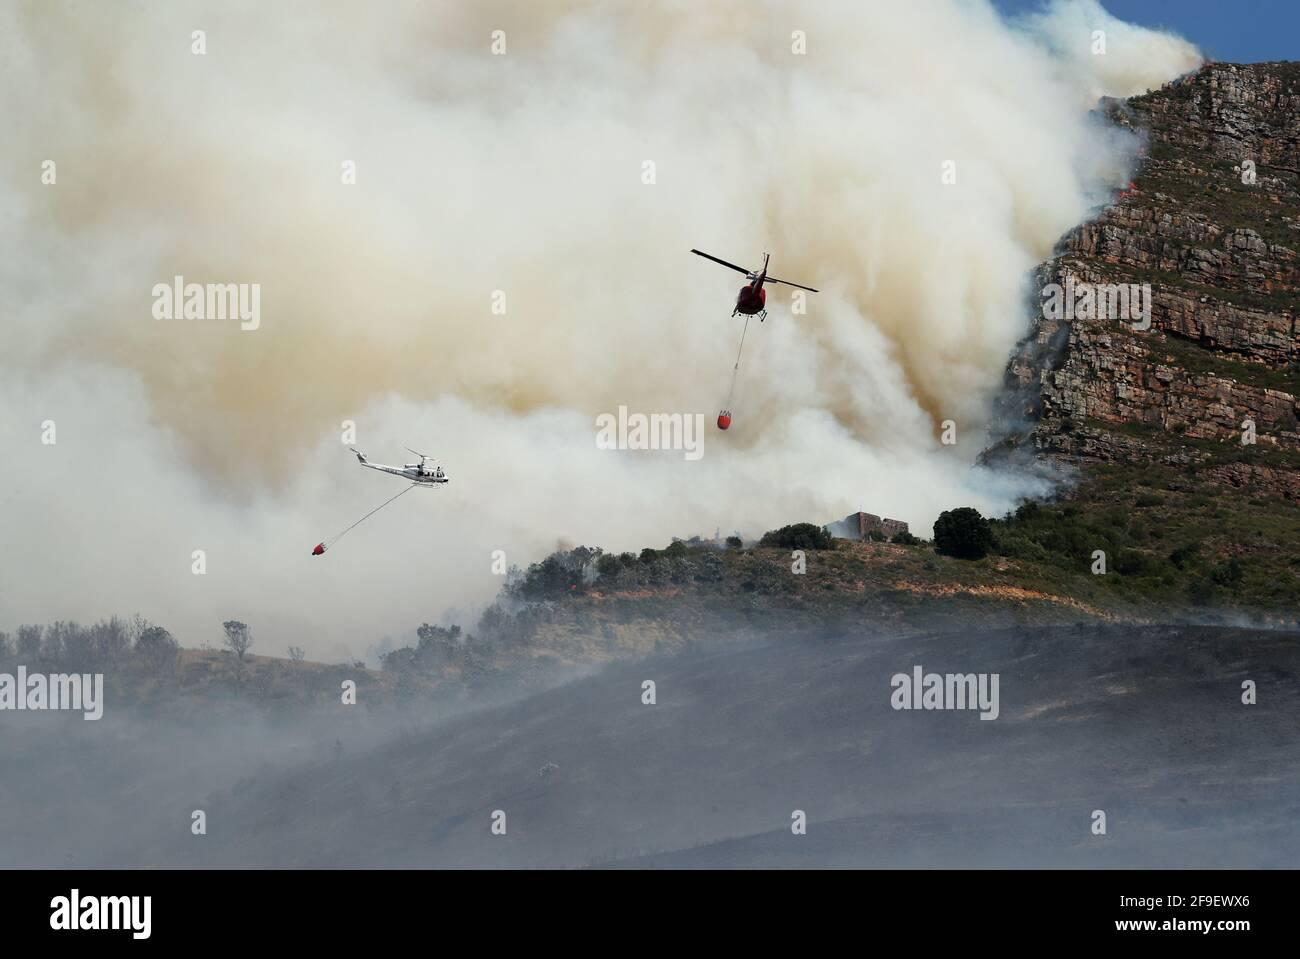 Gli elicotteri combattono per contenere un fuoco di funghi scoppiato sulle pendici di Table Mountain a Città del Capo, Sud Africa, il 18 aprile 2021. REUTERS/Mike Hutchings Foto Stock